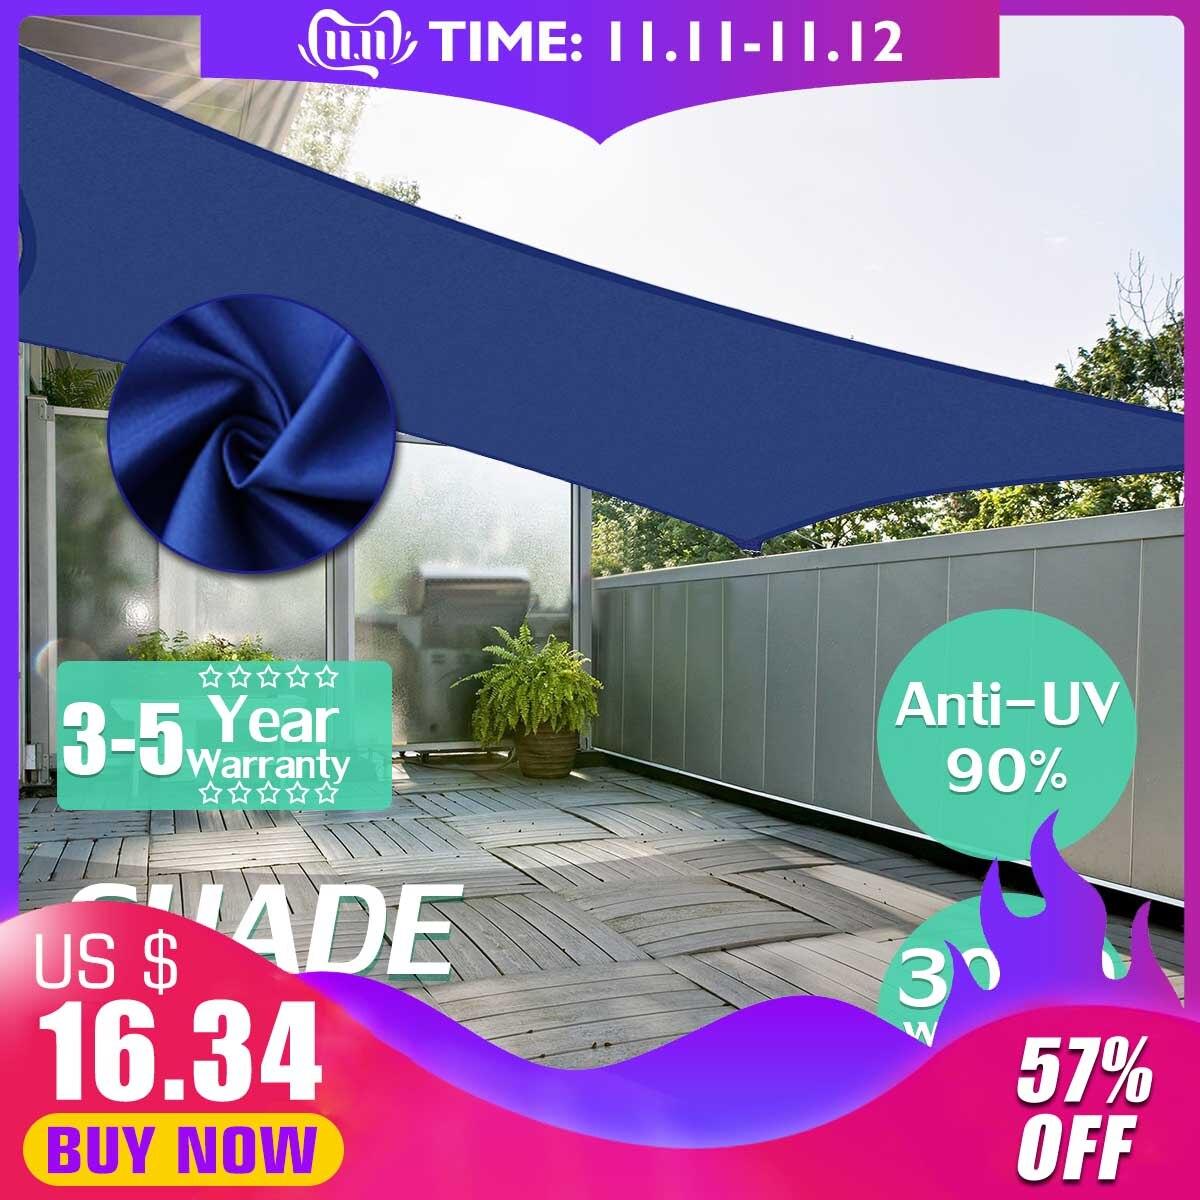 2.5x2.5 3x3 4x4 2x3 2x4 2x5 2.5x3 3x4 3x5 3x6 2x2 300D 2x5 Azul Royal Poliéster tecido oxford retângulo quadrado máscara vela